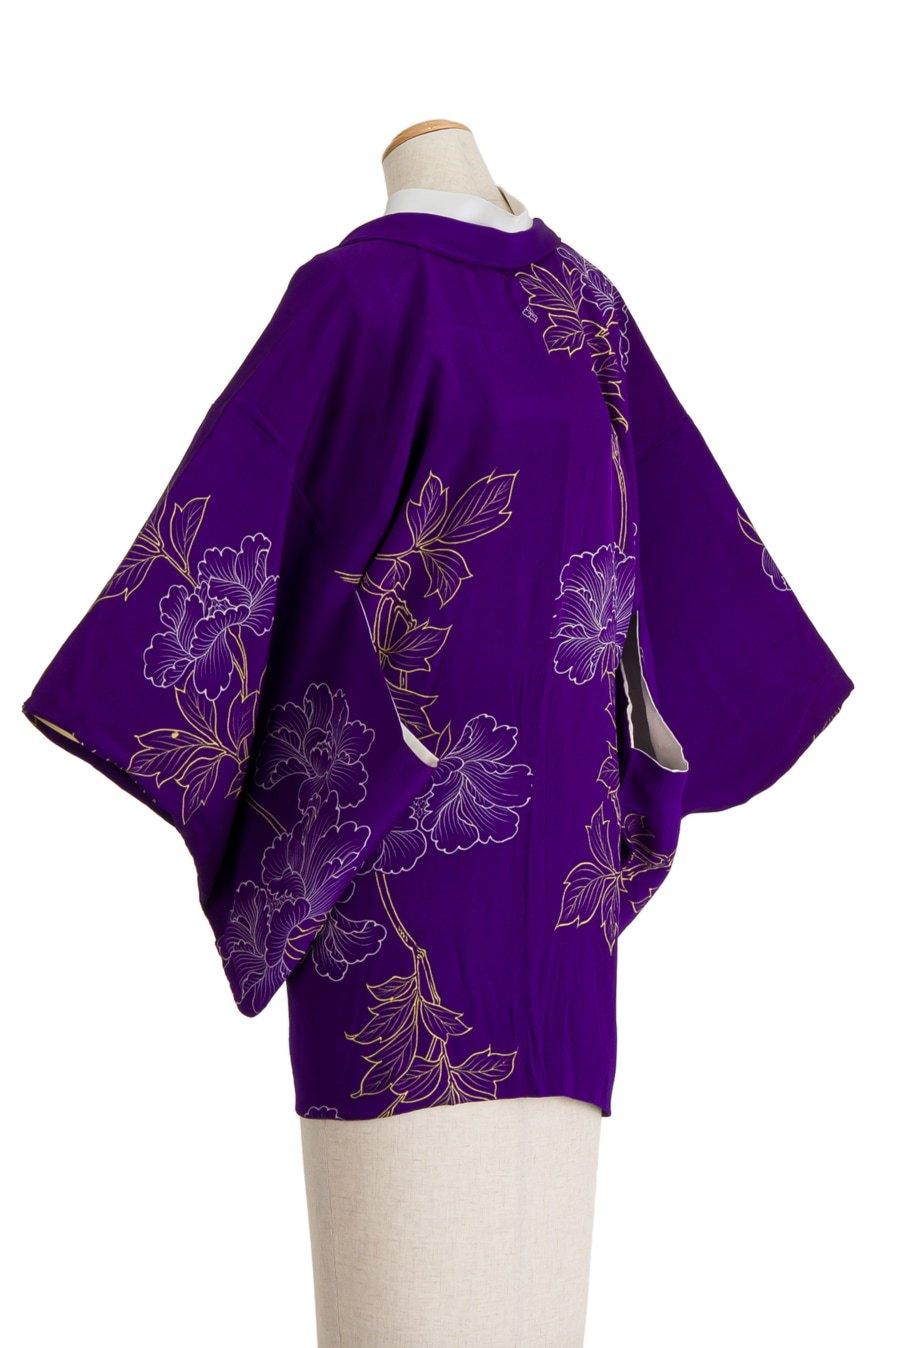 「アンティーク着物 繊細な牡丹の花」の商品画像